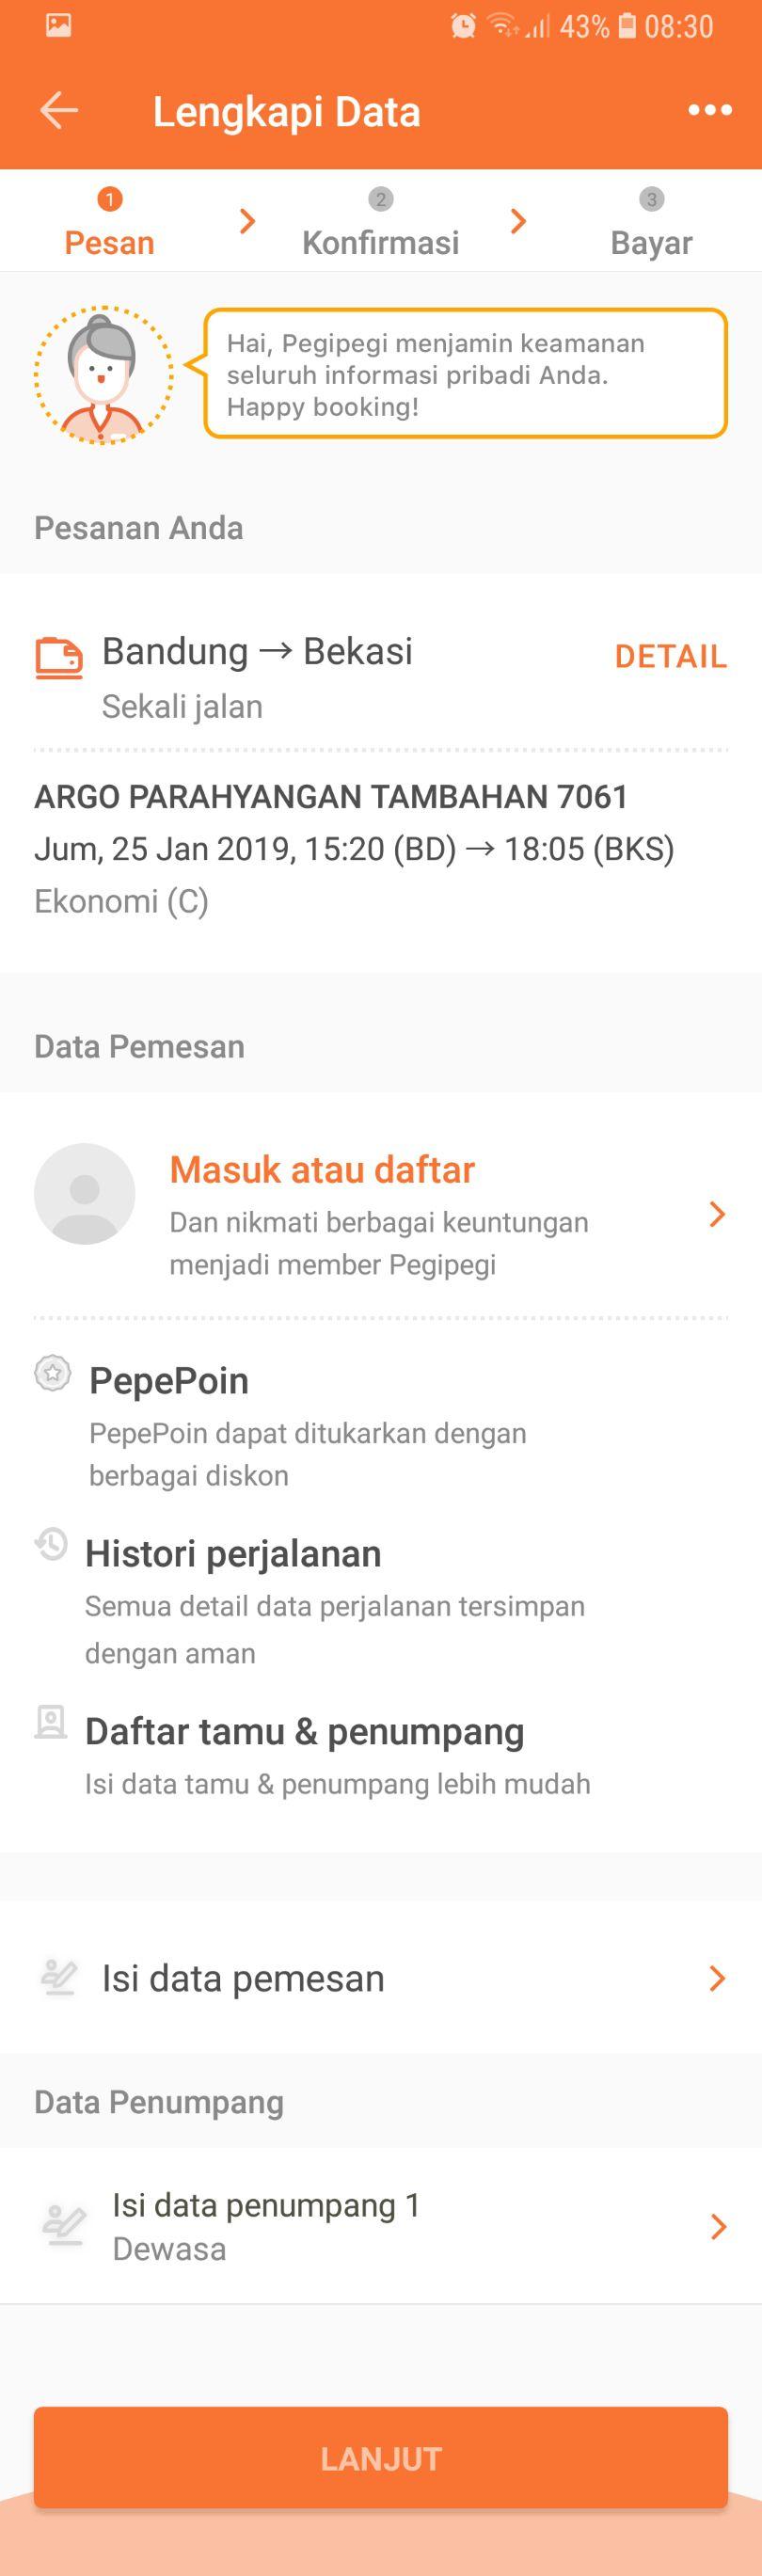 4 - Isi dan lengkapi data pemesan serta data penumpang